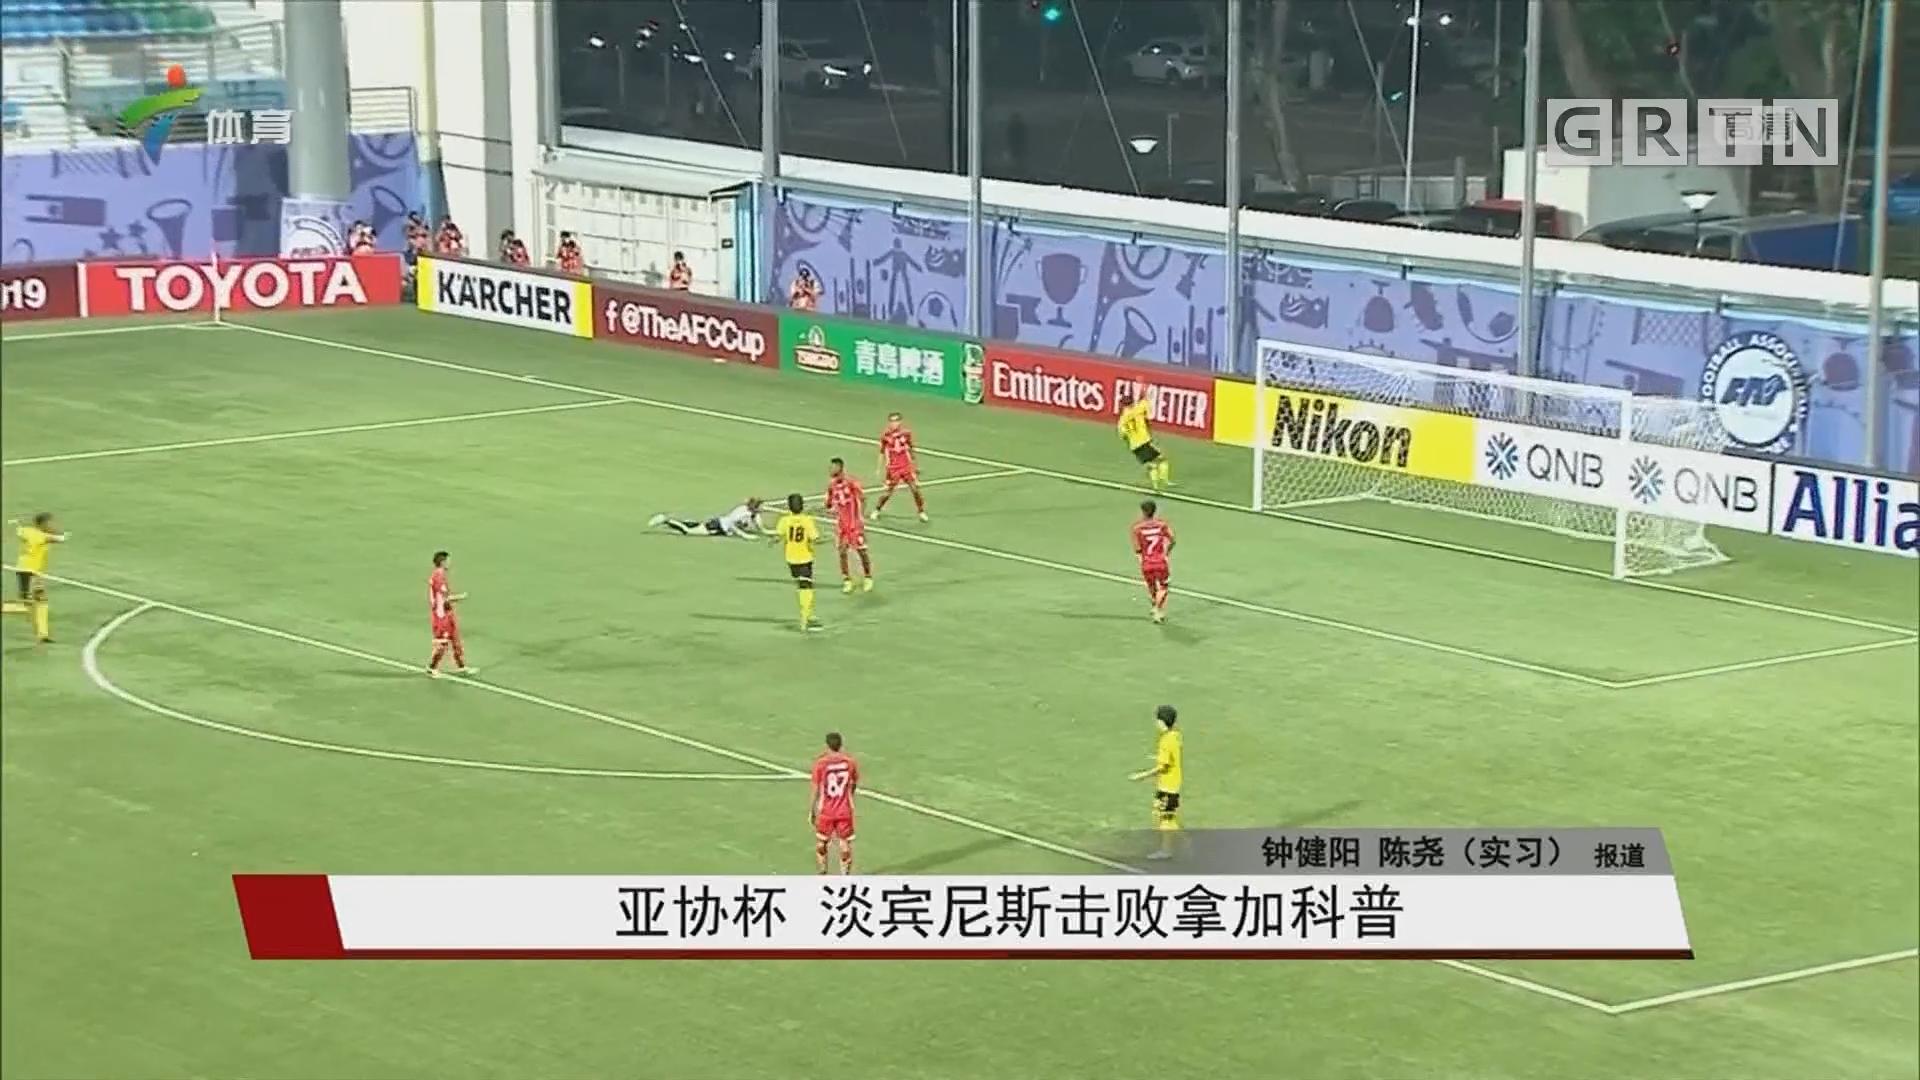 亚协杯 淡宾尼斯击败拿加科普